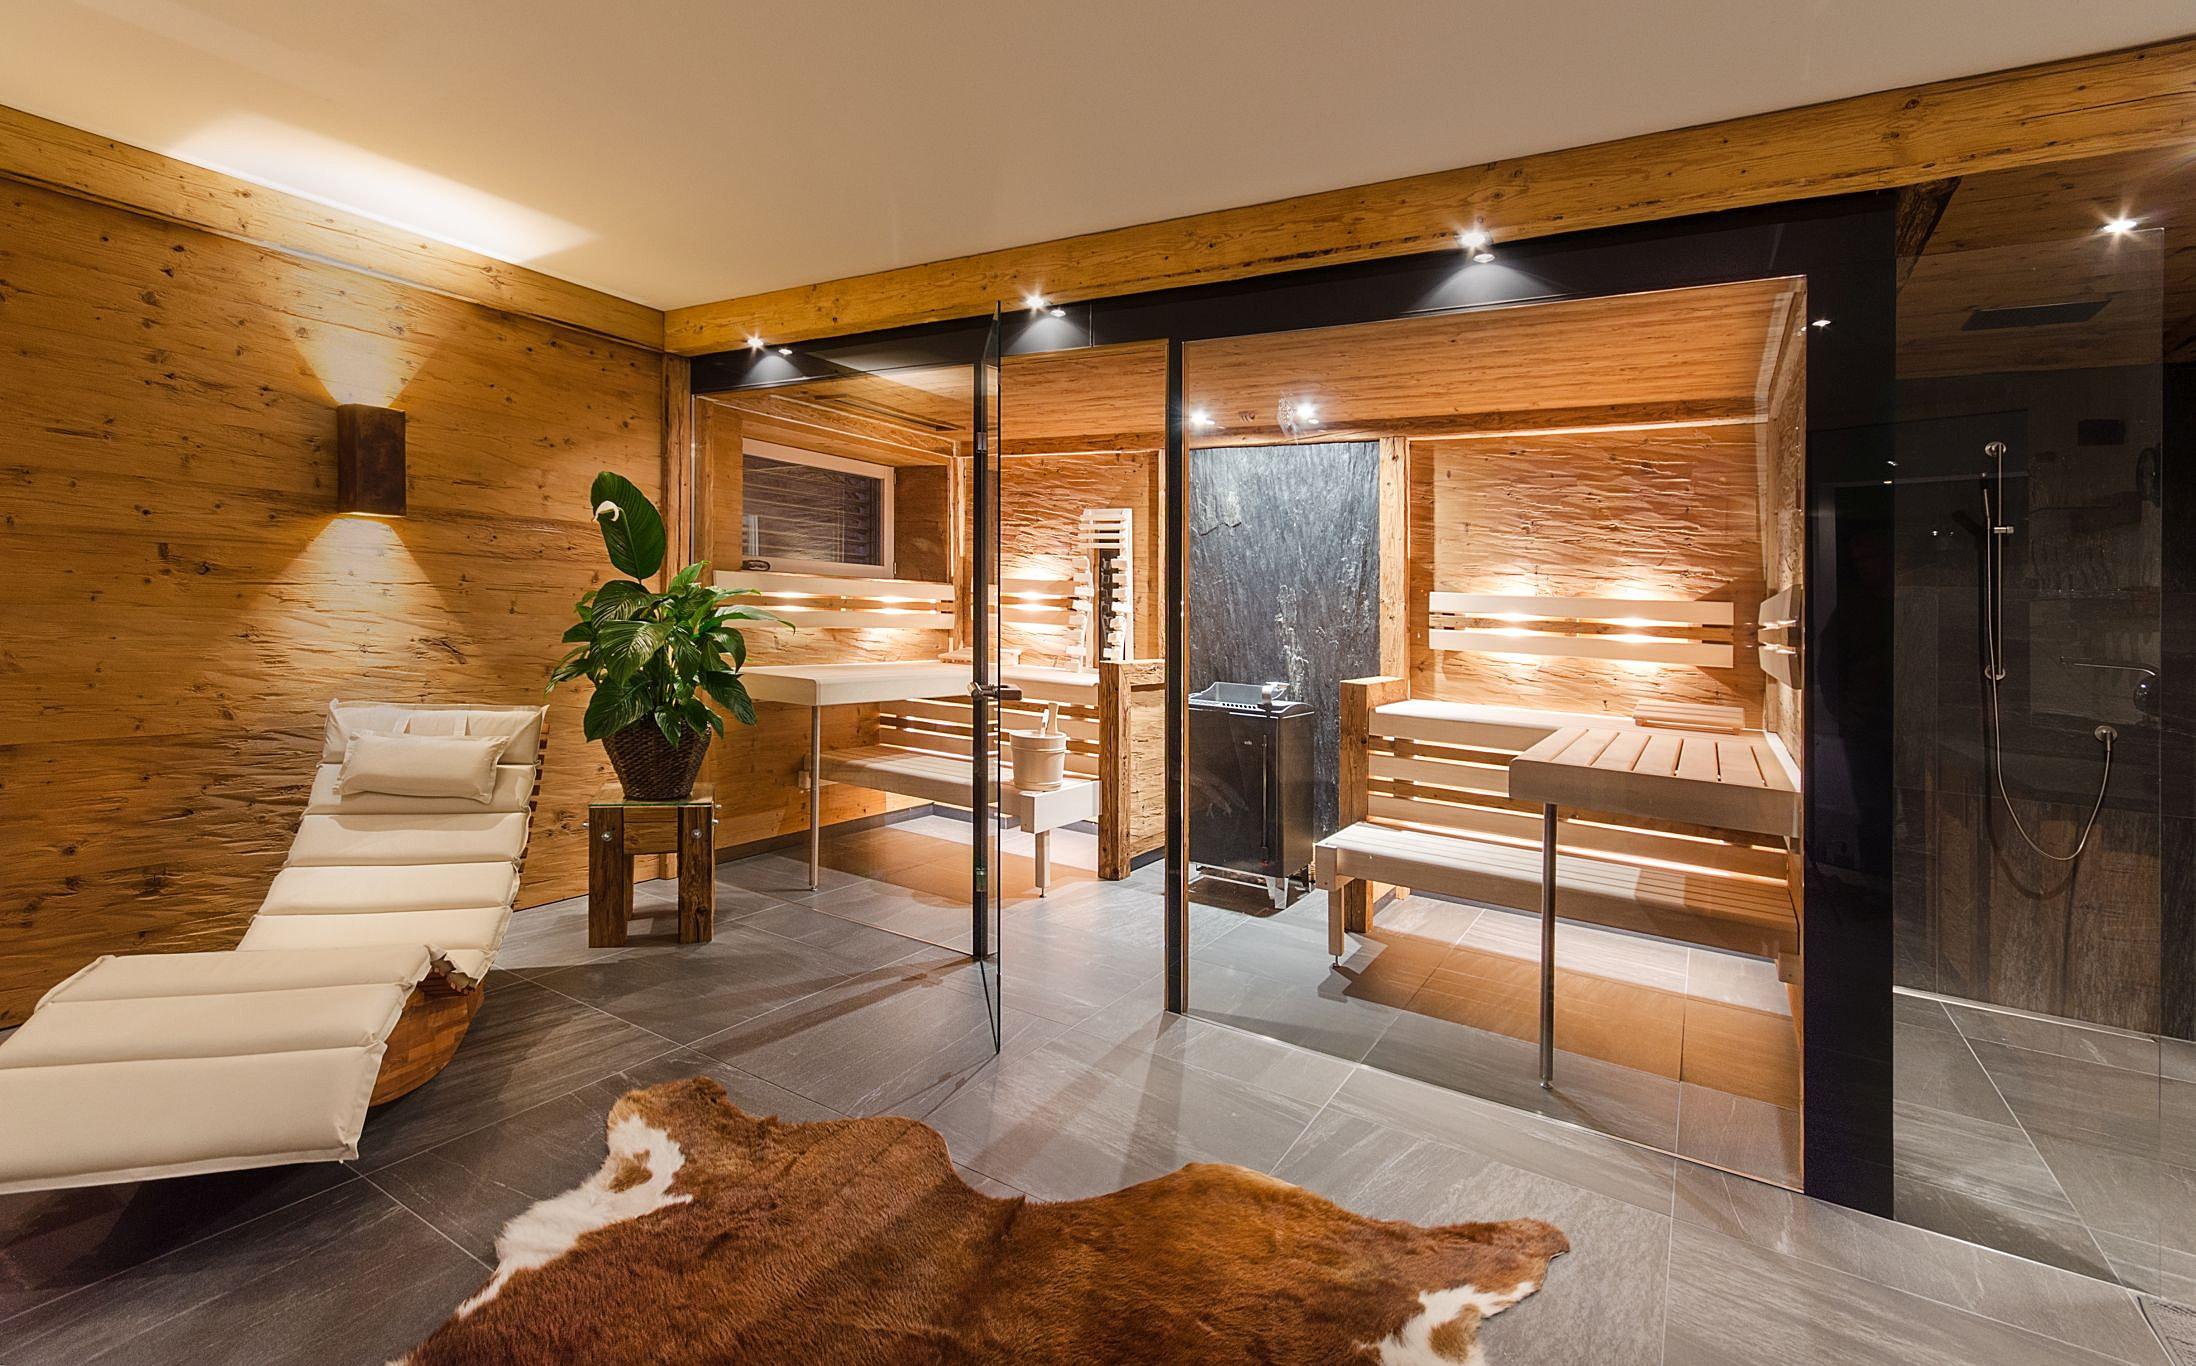 priewasser saunaqualit t aus h hnhart sauna altholz glas. Black Bedroom Furniture Sets. Home Design Ideas